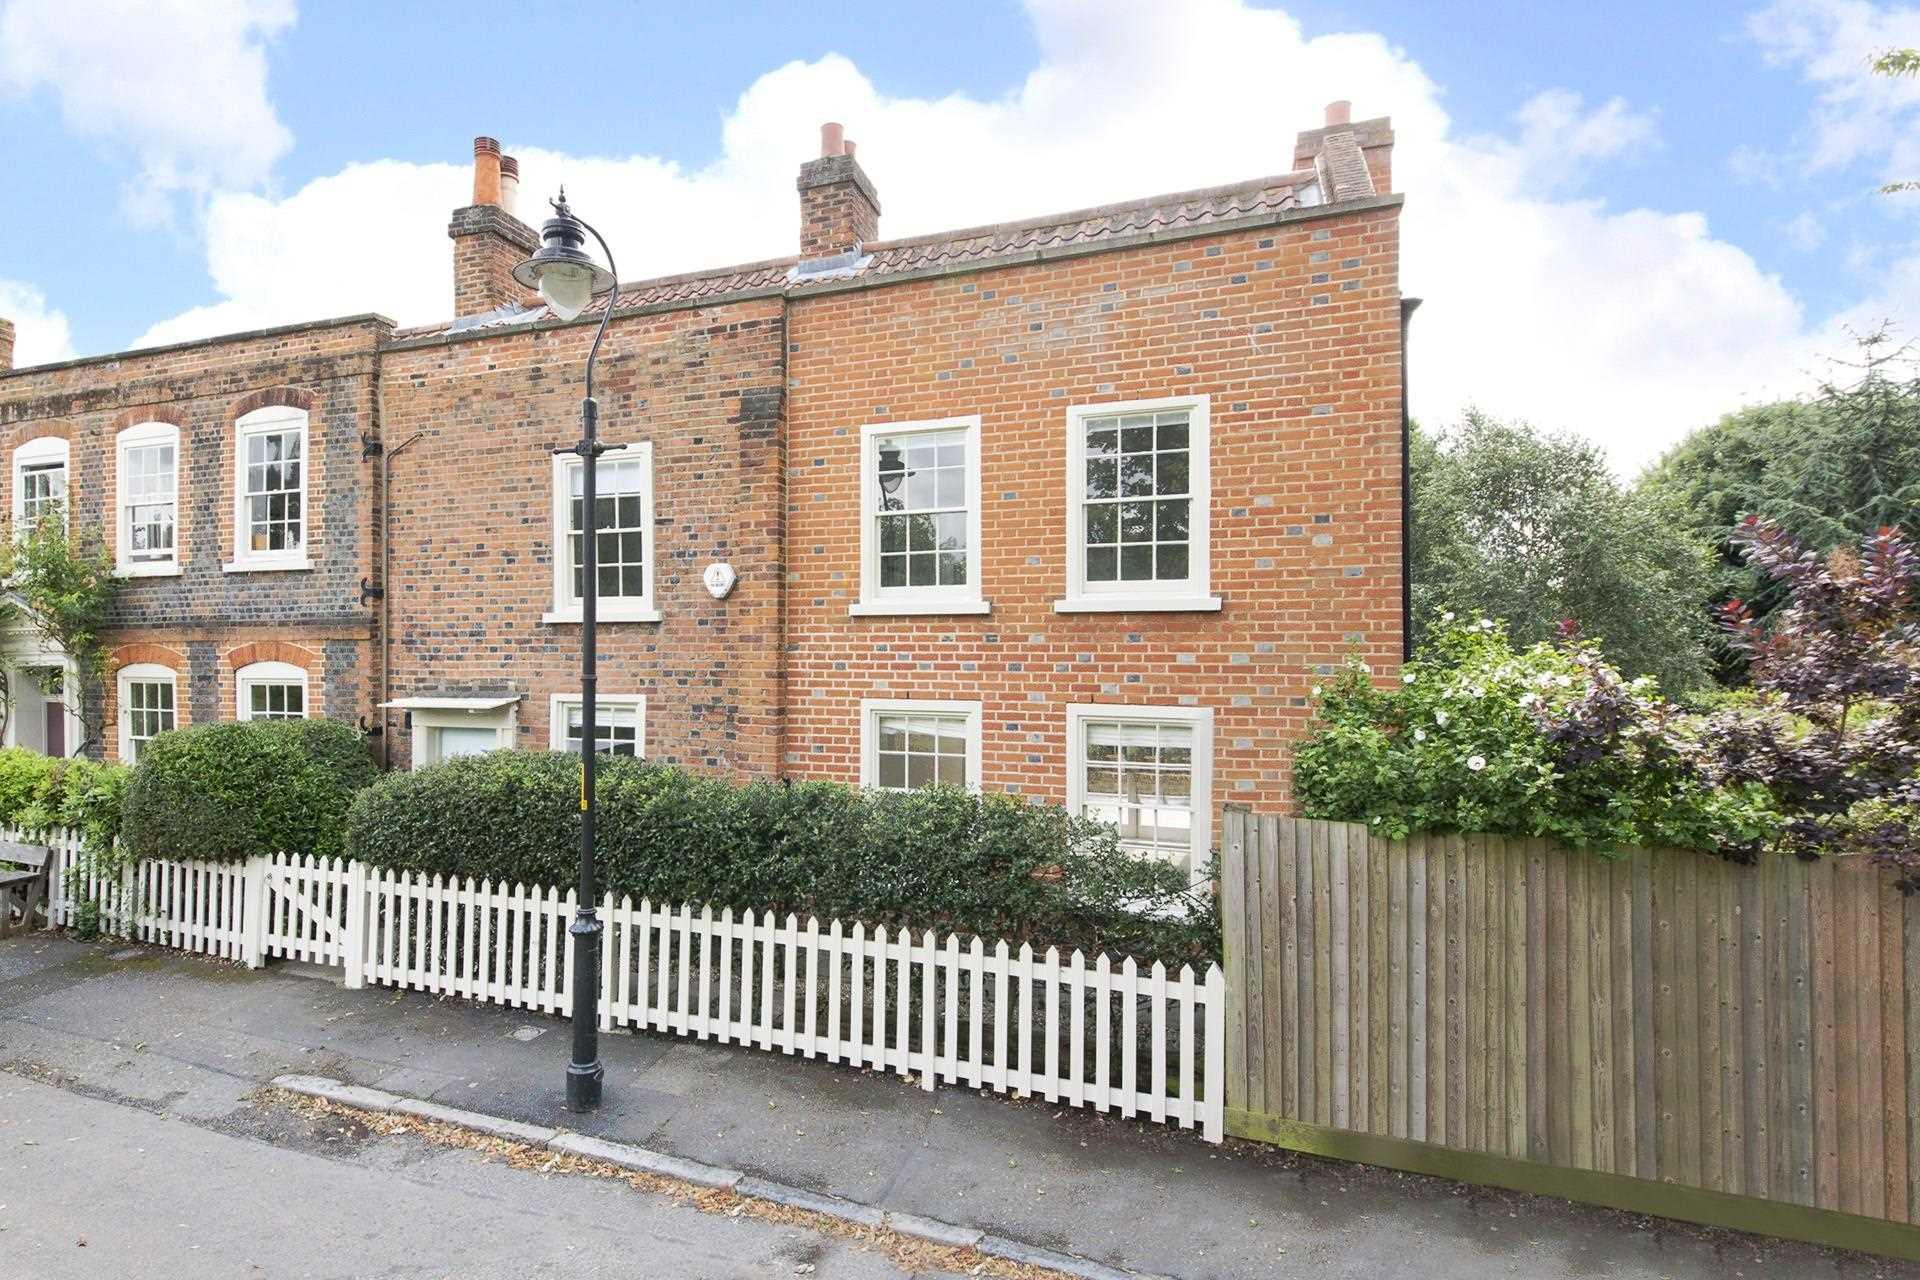 Pond Cottages Dulwich Village SE21 7LE, Image 14